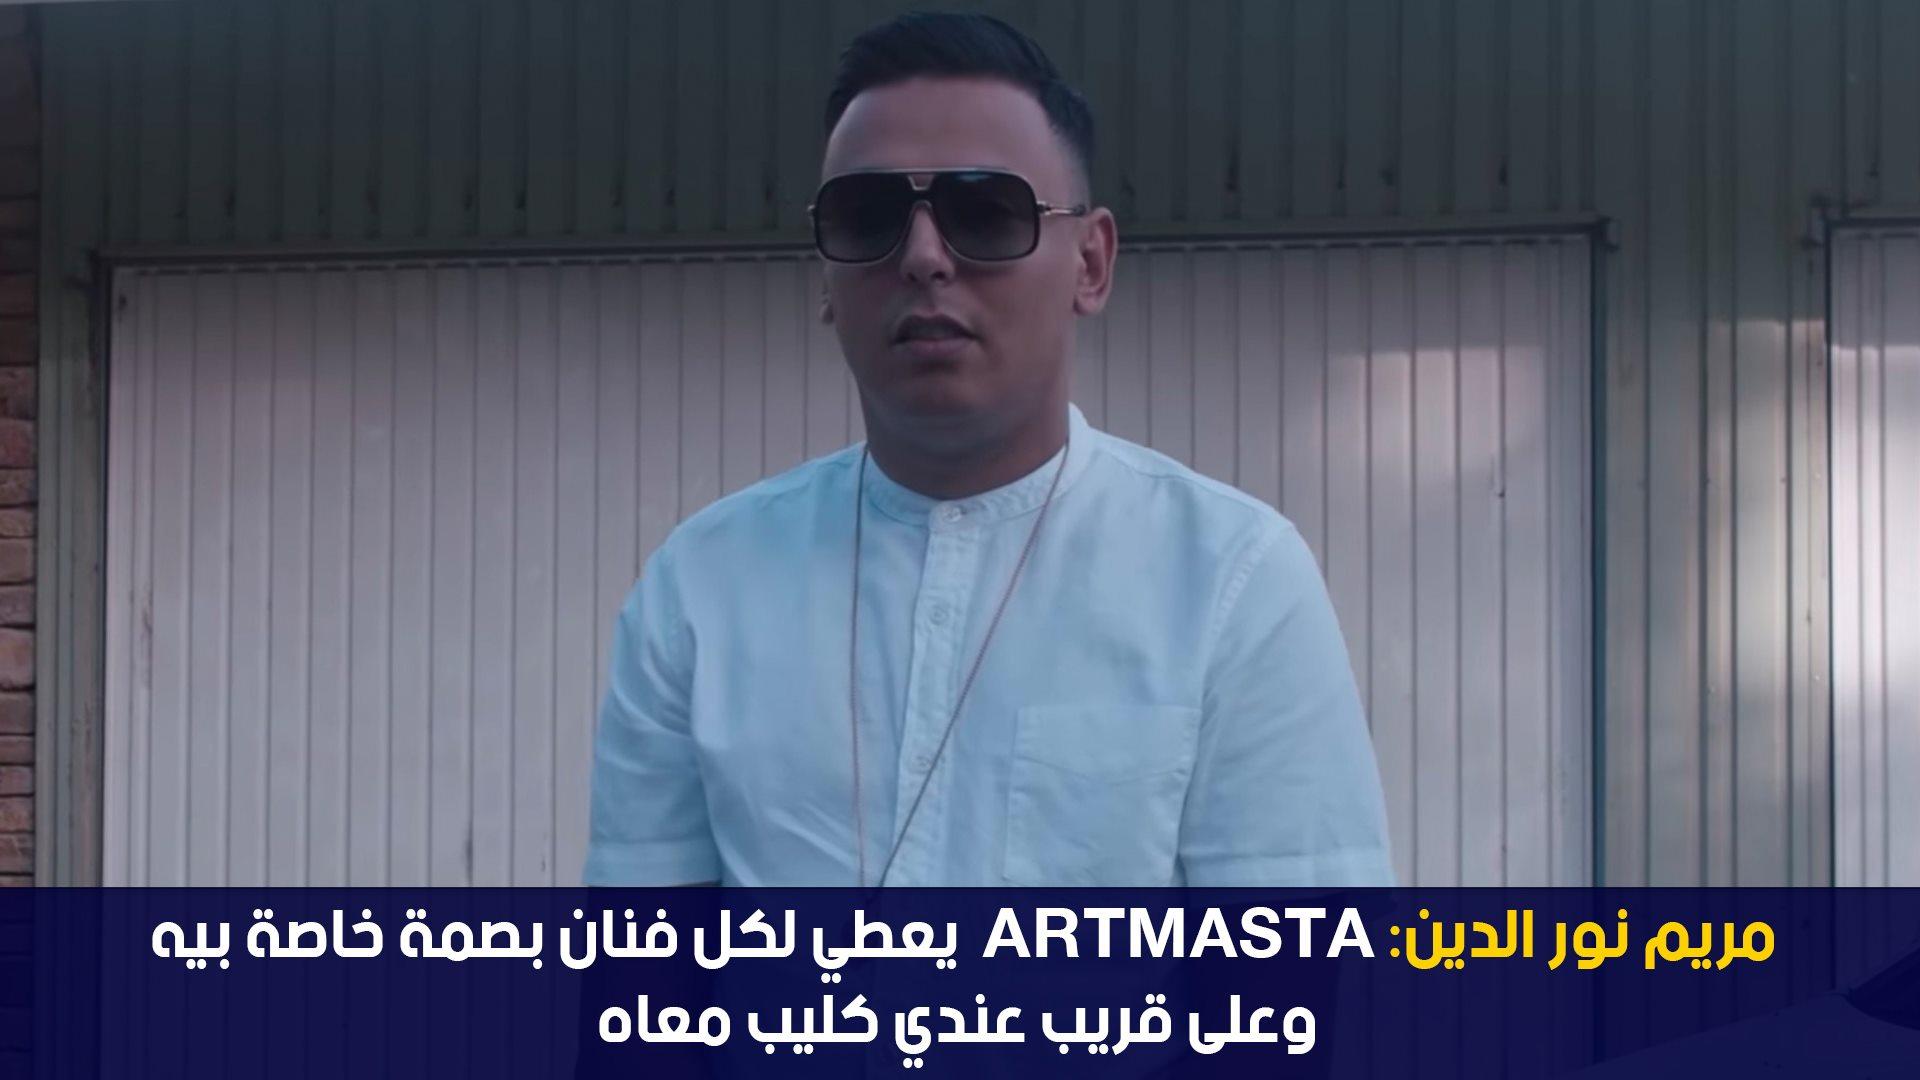 مريم نور الدين:Artmasta يعطي لكل فنان بصمة خاصة بيه وعلى قريب عندي كليب معاه